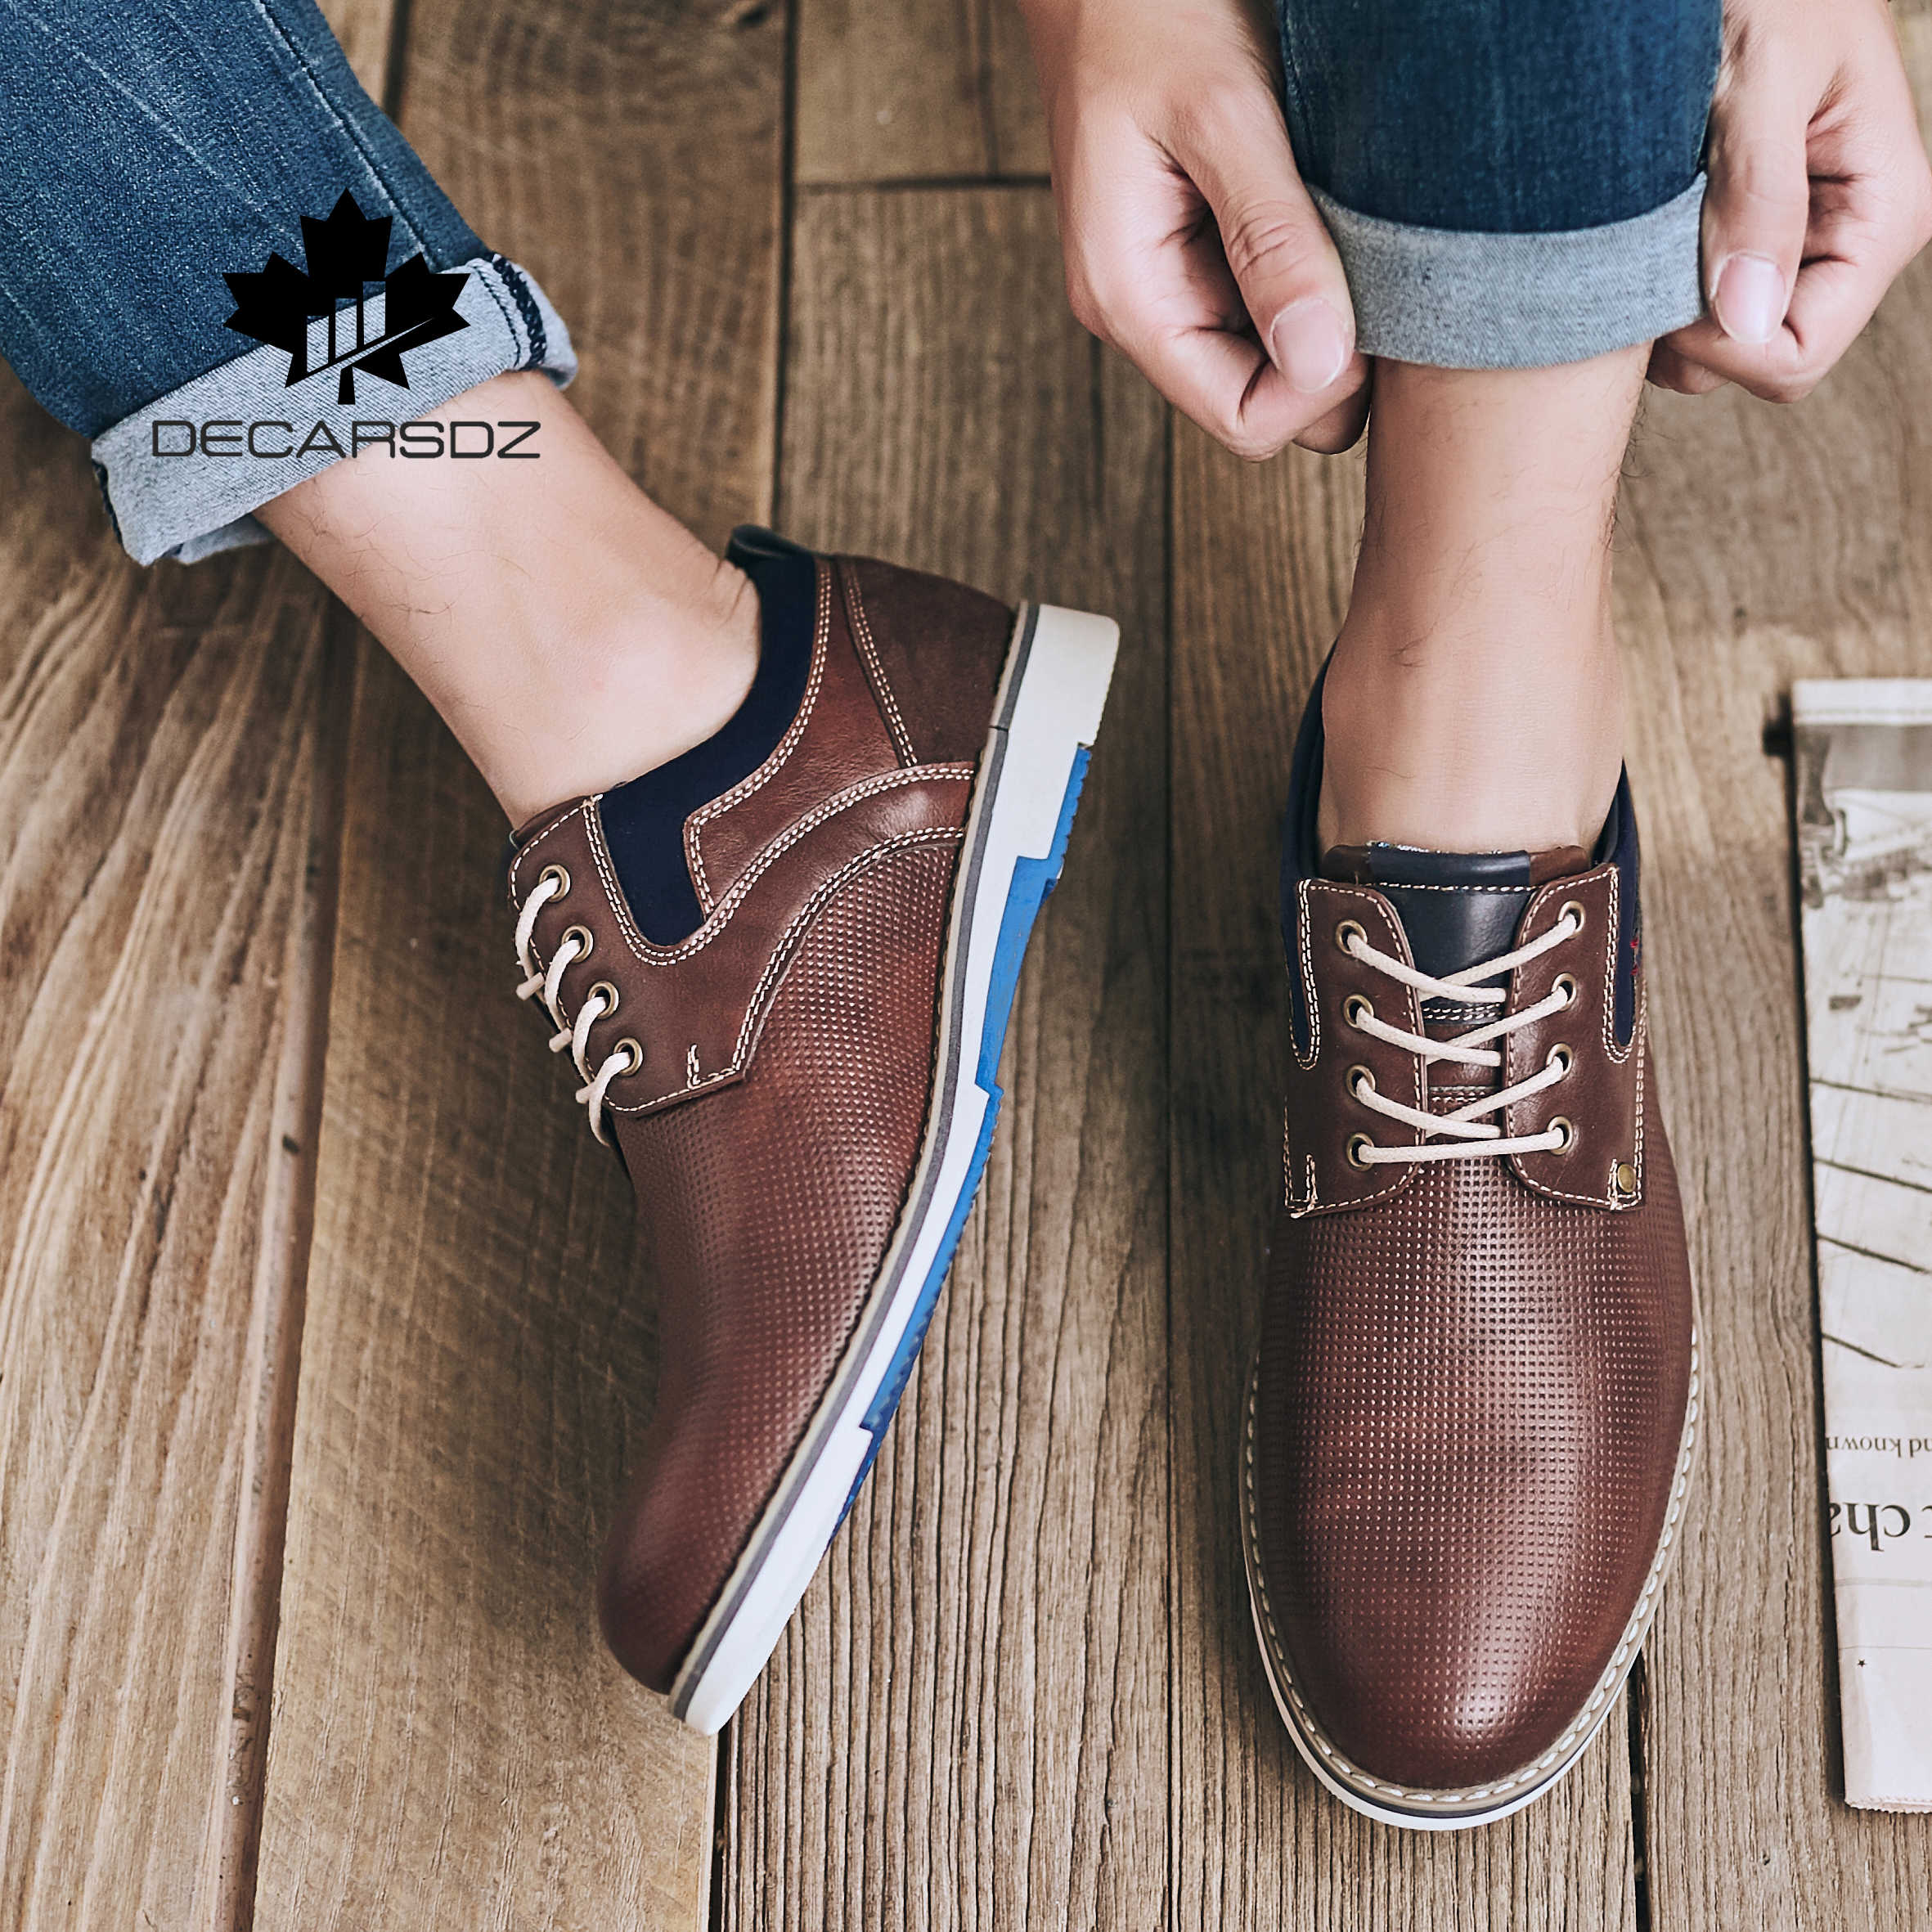 Rahat ayakkabılar erkekler 2020 moda sonbahar ayakkabı erkek marka tasarım erkek deri rahat erkek eğlence ayakkabı kovboy tarzı erkek ayakkabıları